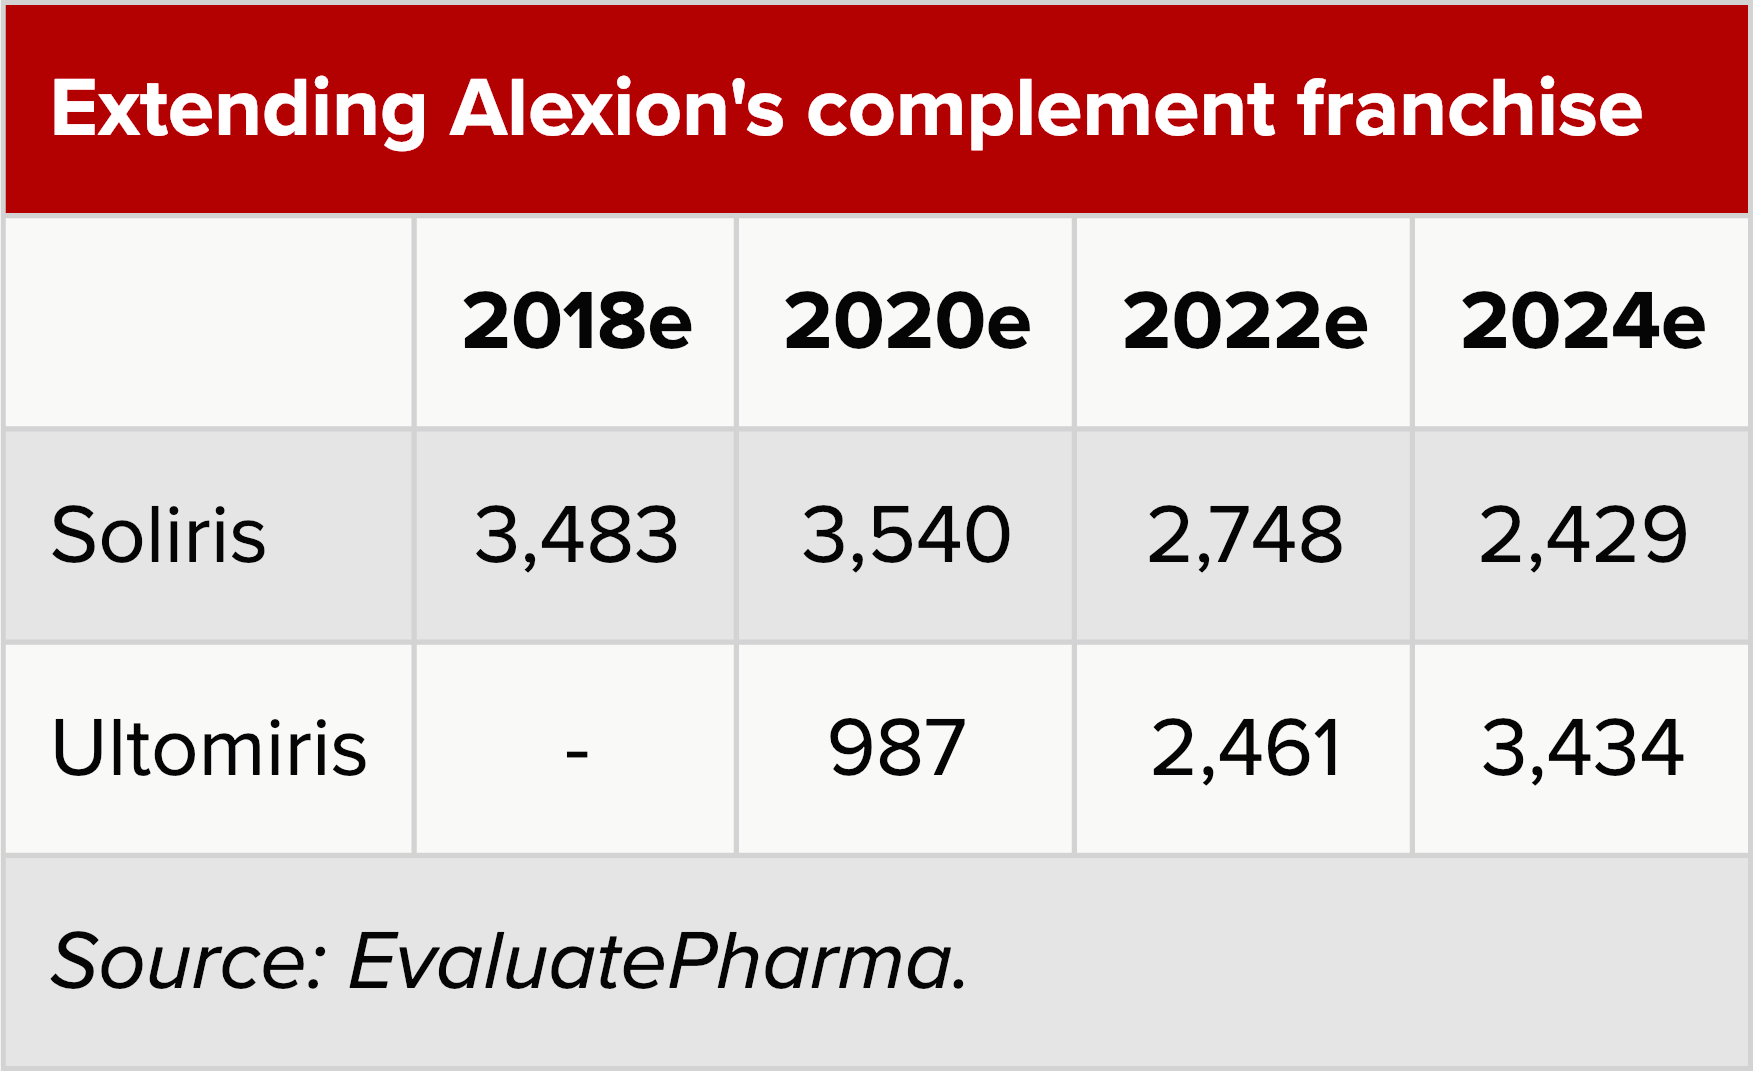 extending alexion complement franchise - «Ултомирис»: сын «Солириса» победил атипичный гемолитико-уремический синдром